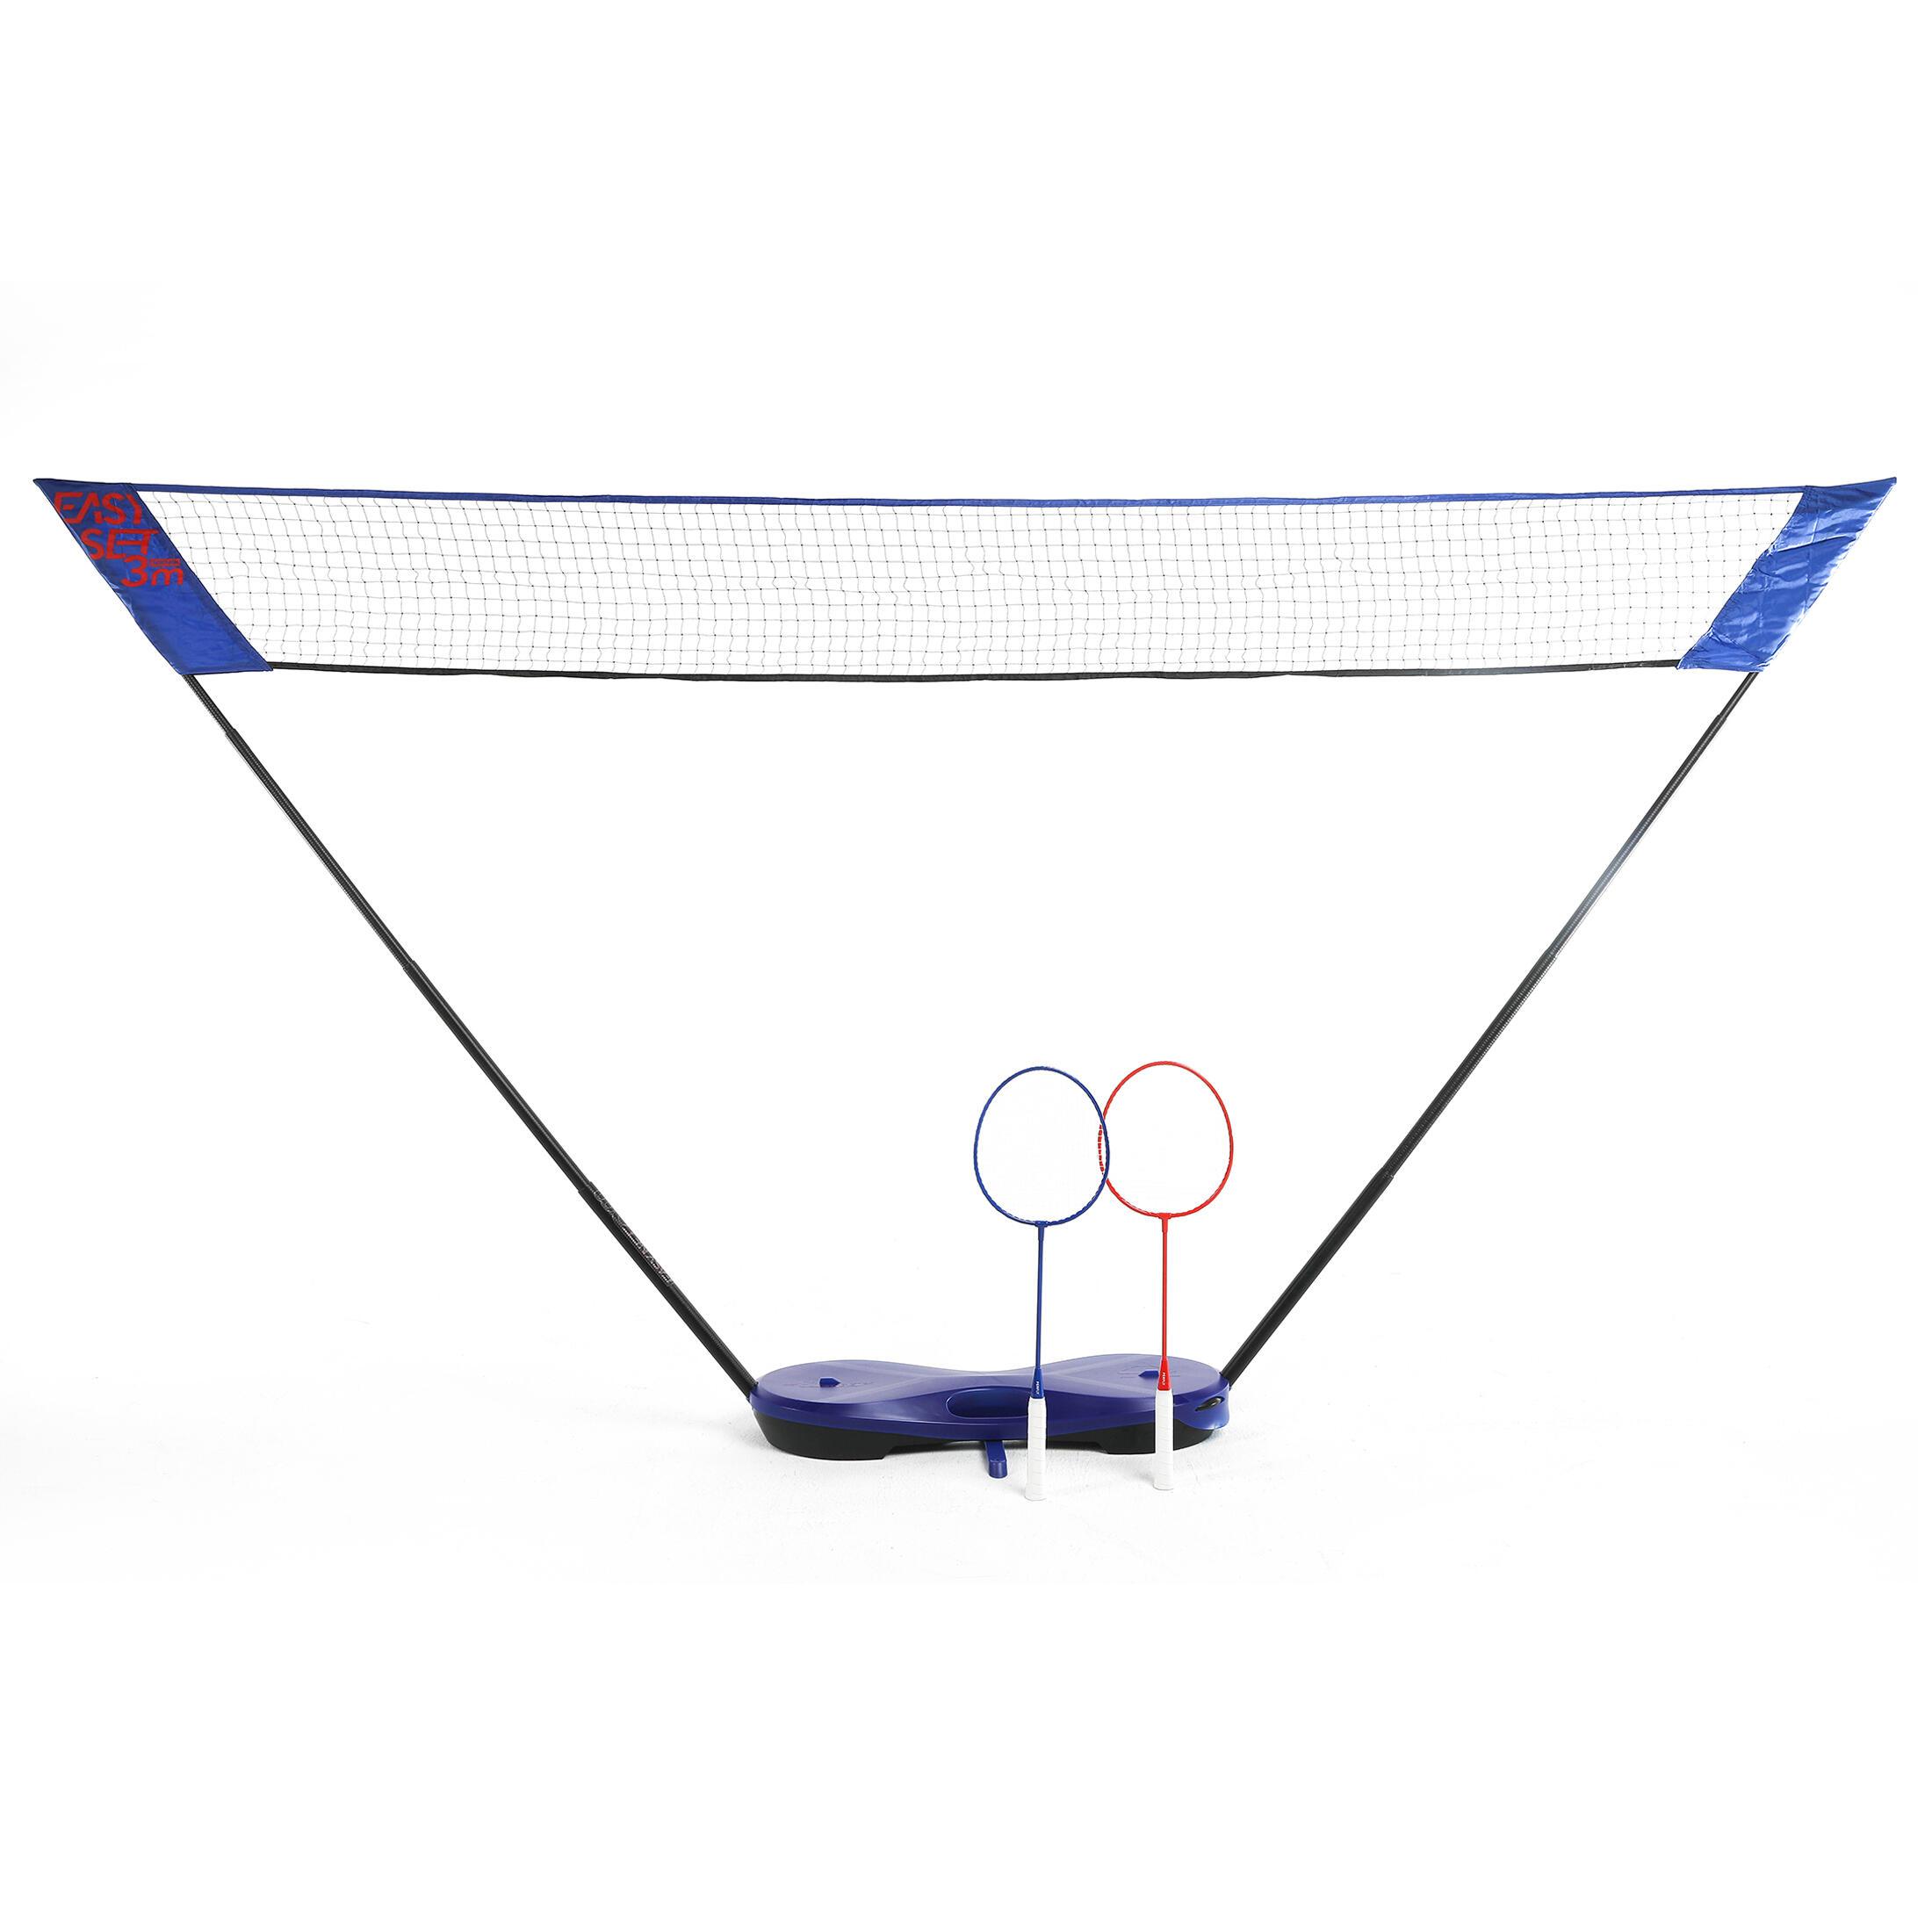 PERFLY Filet de Badminton Easy Set 3 m - Bleu - PERFLY - Taille unique